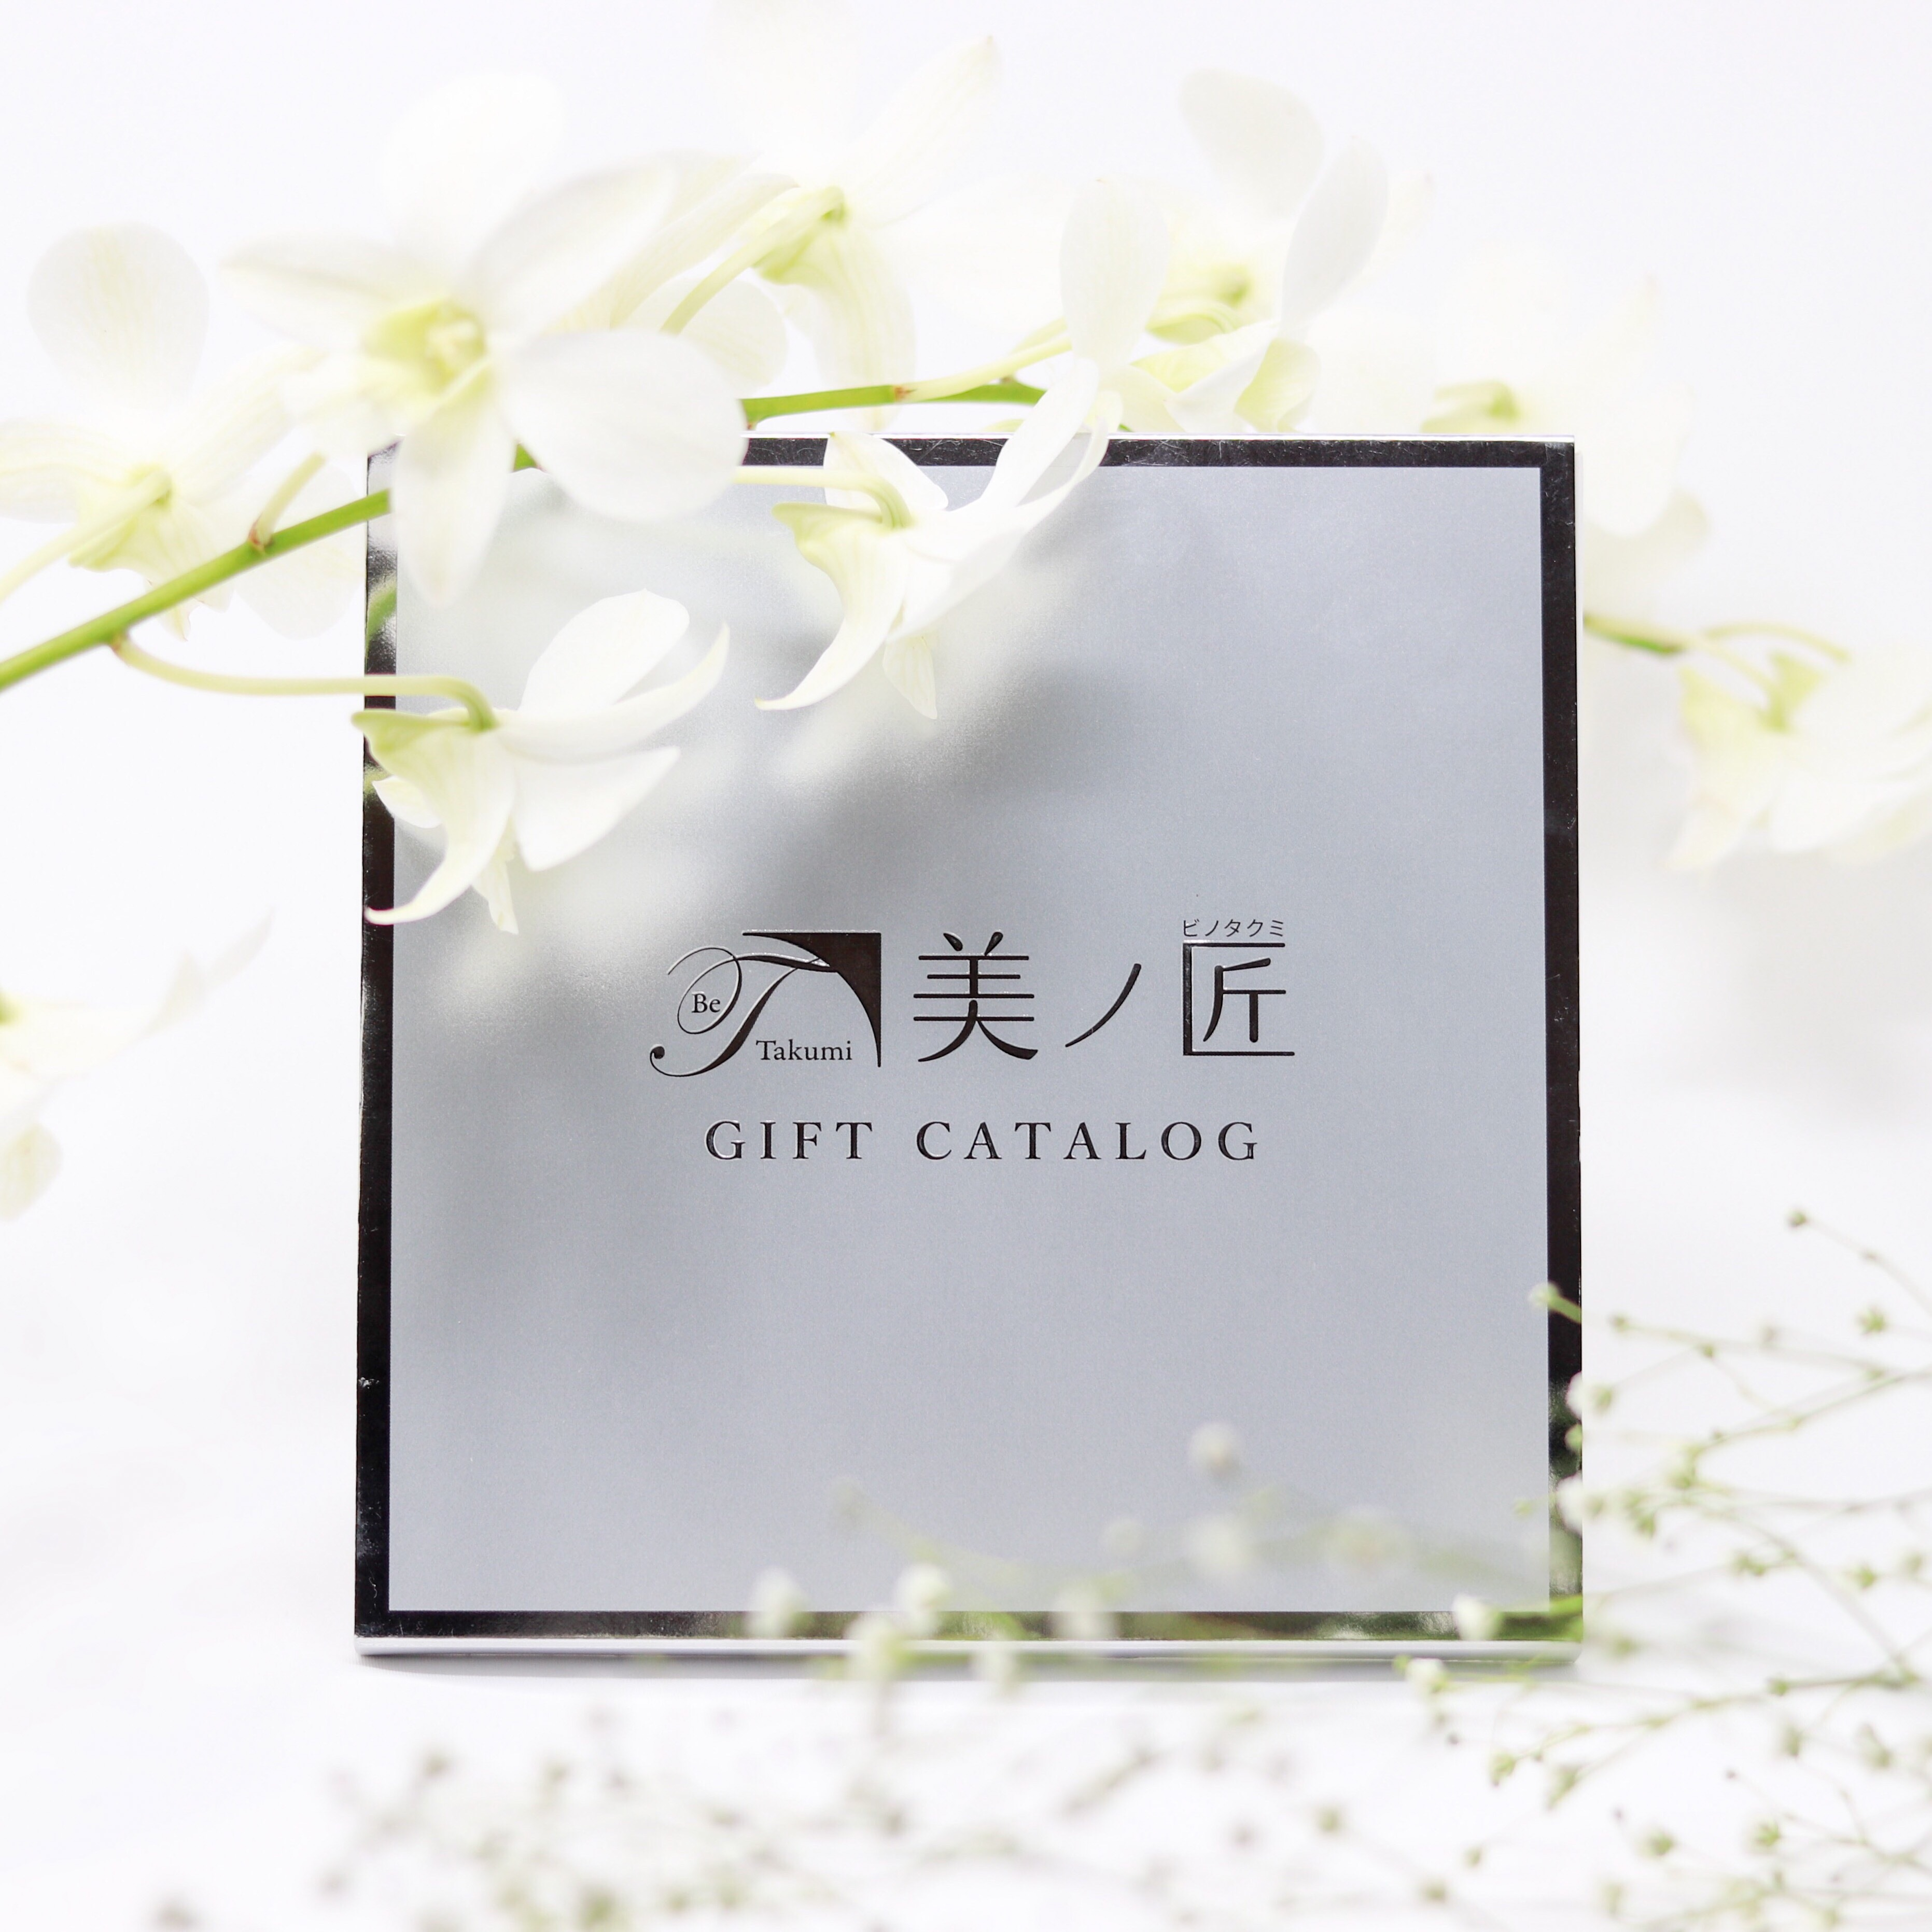 美容体験カタログギフト【+Plusコース】